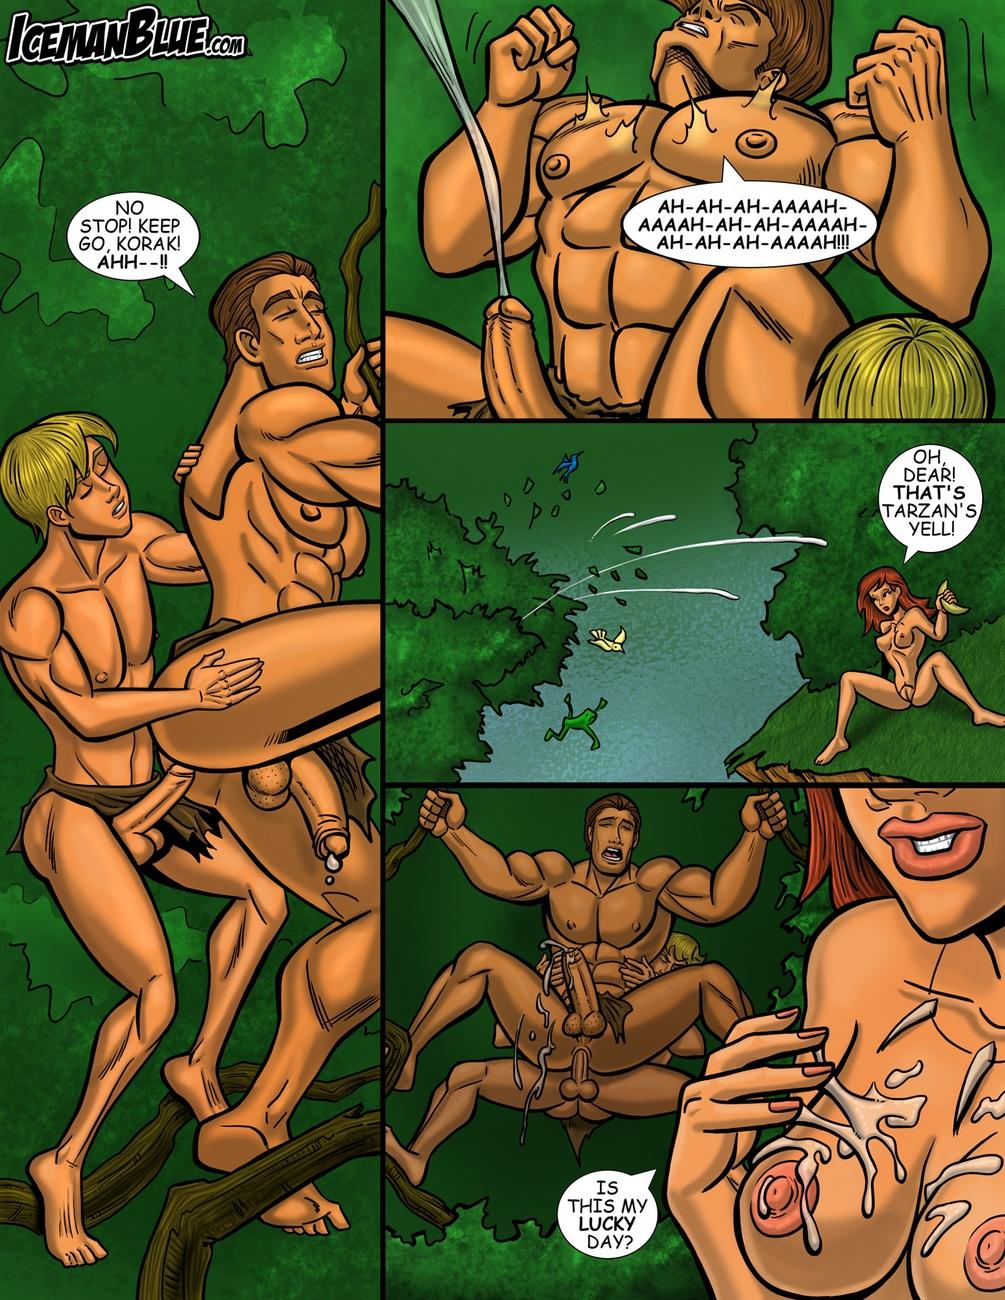 Tarzan 6 free sex comic